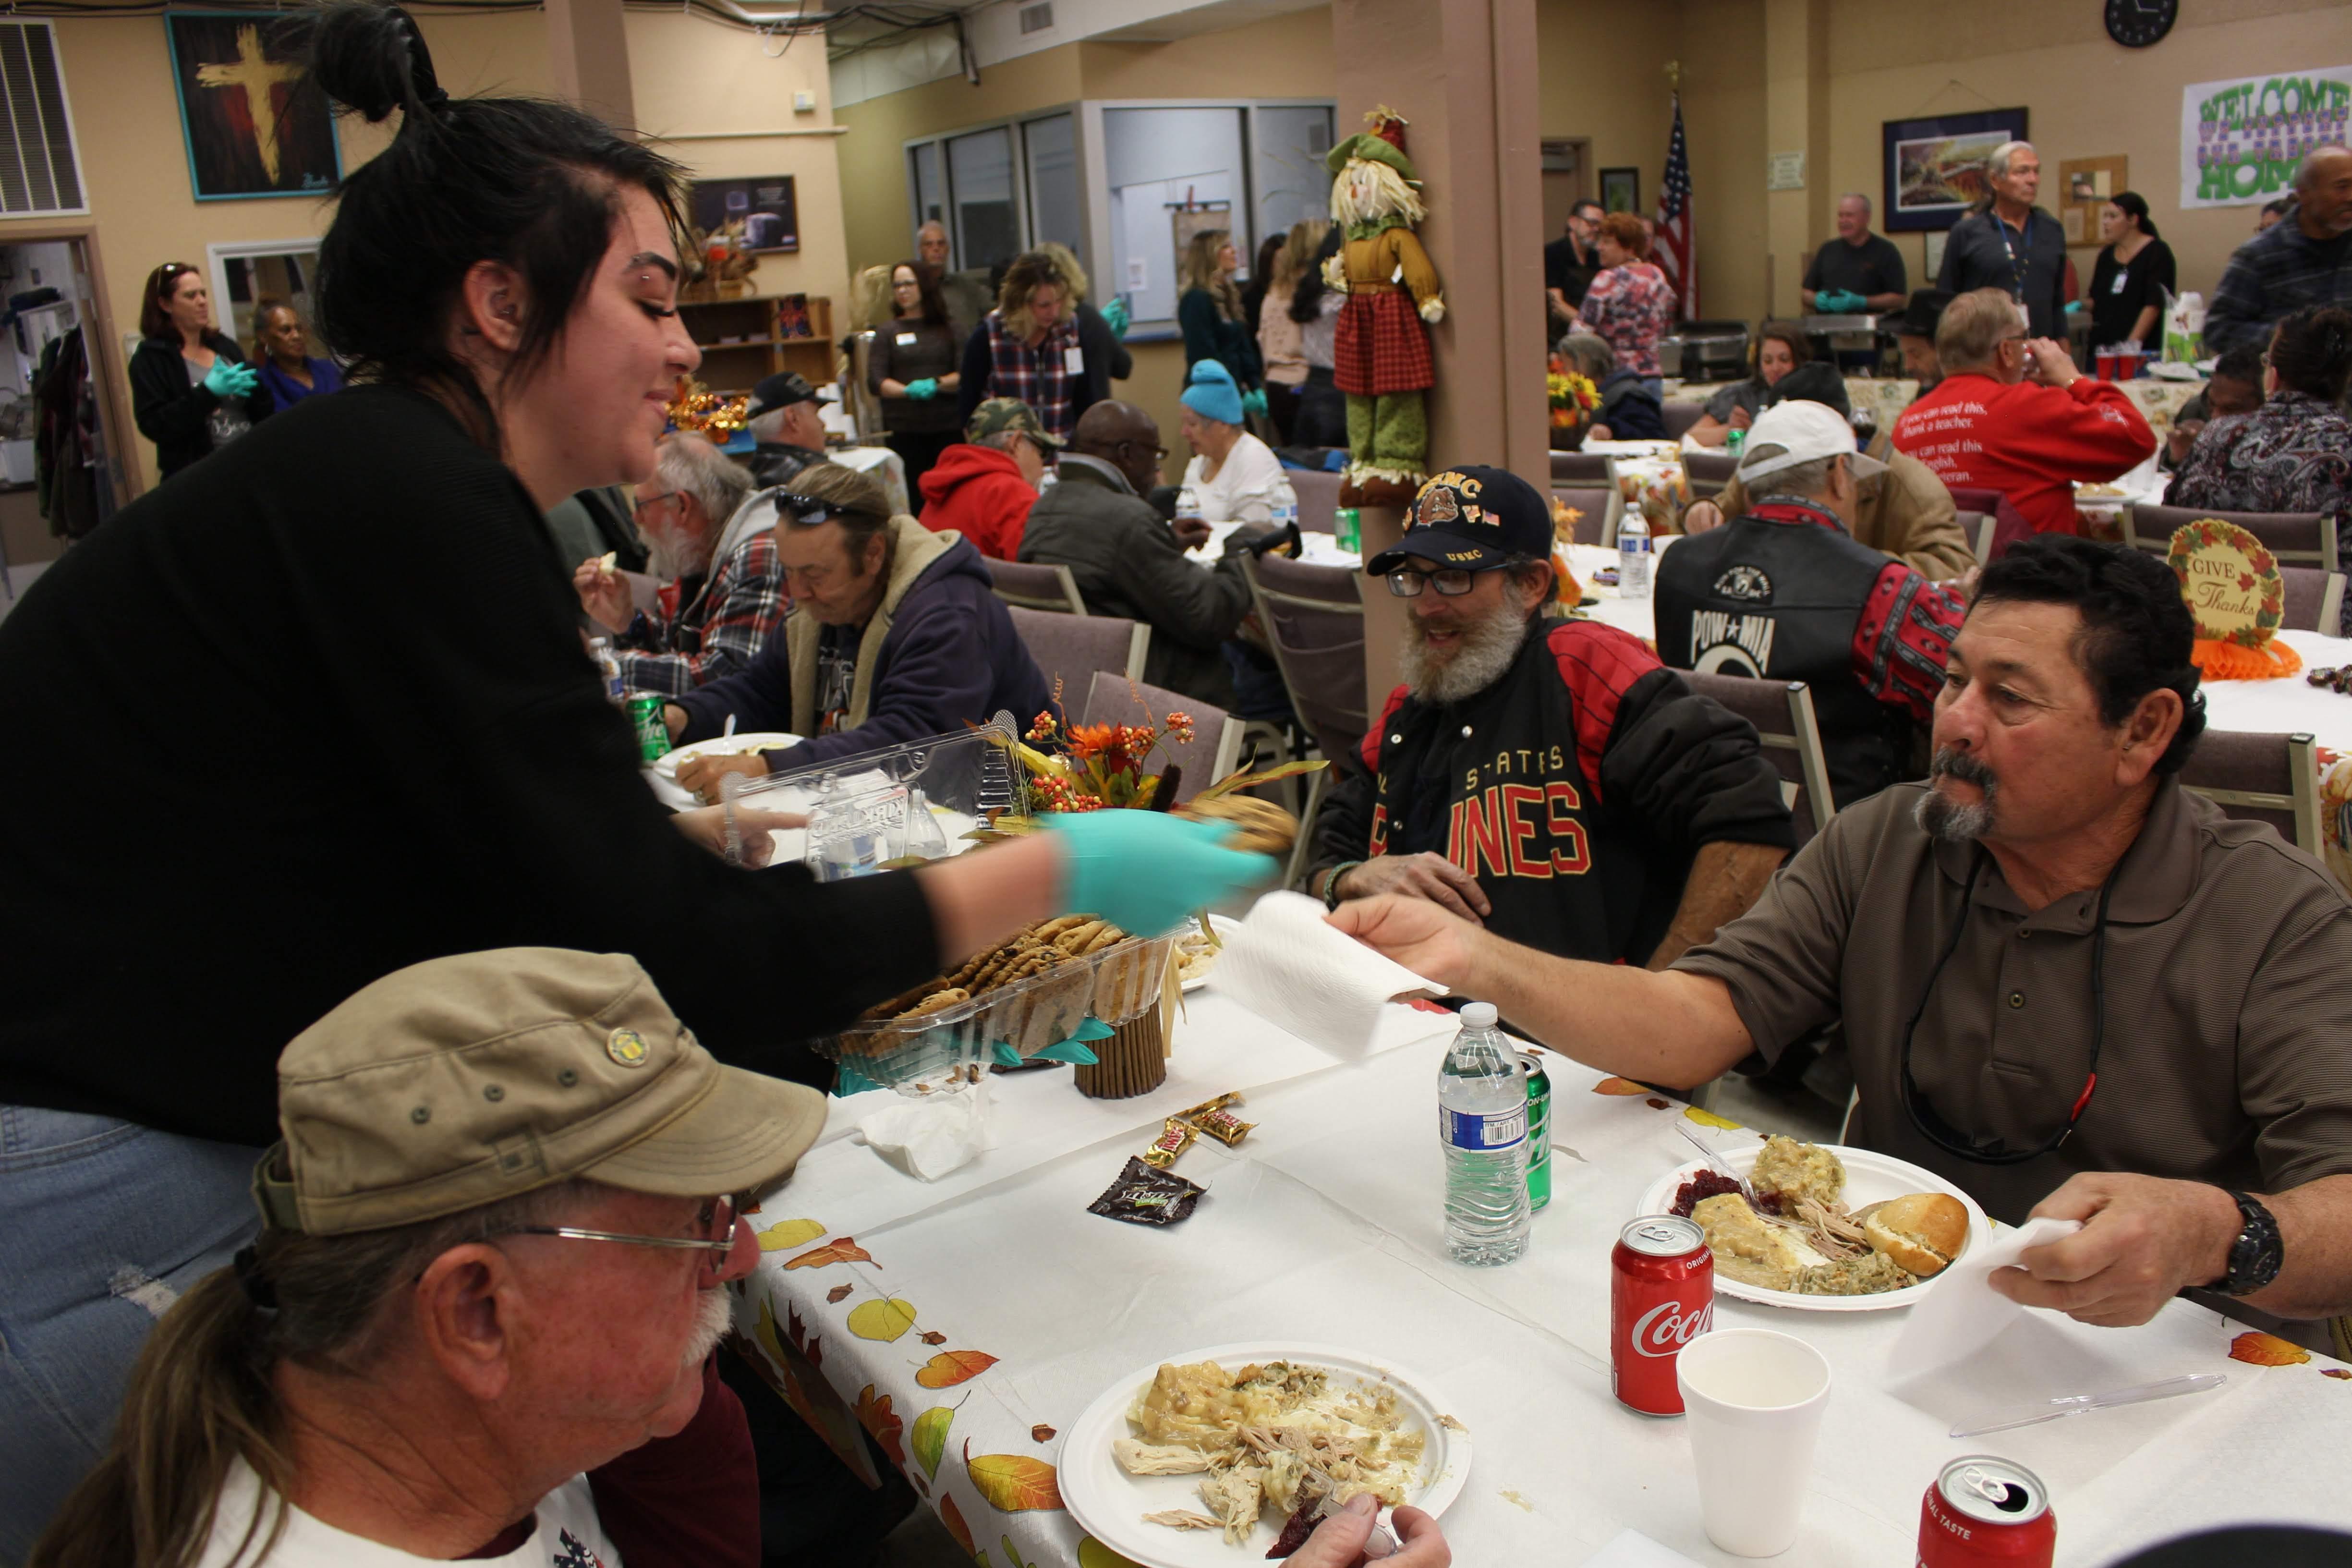 Volunteer gives cookies to veterans